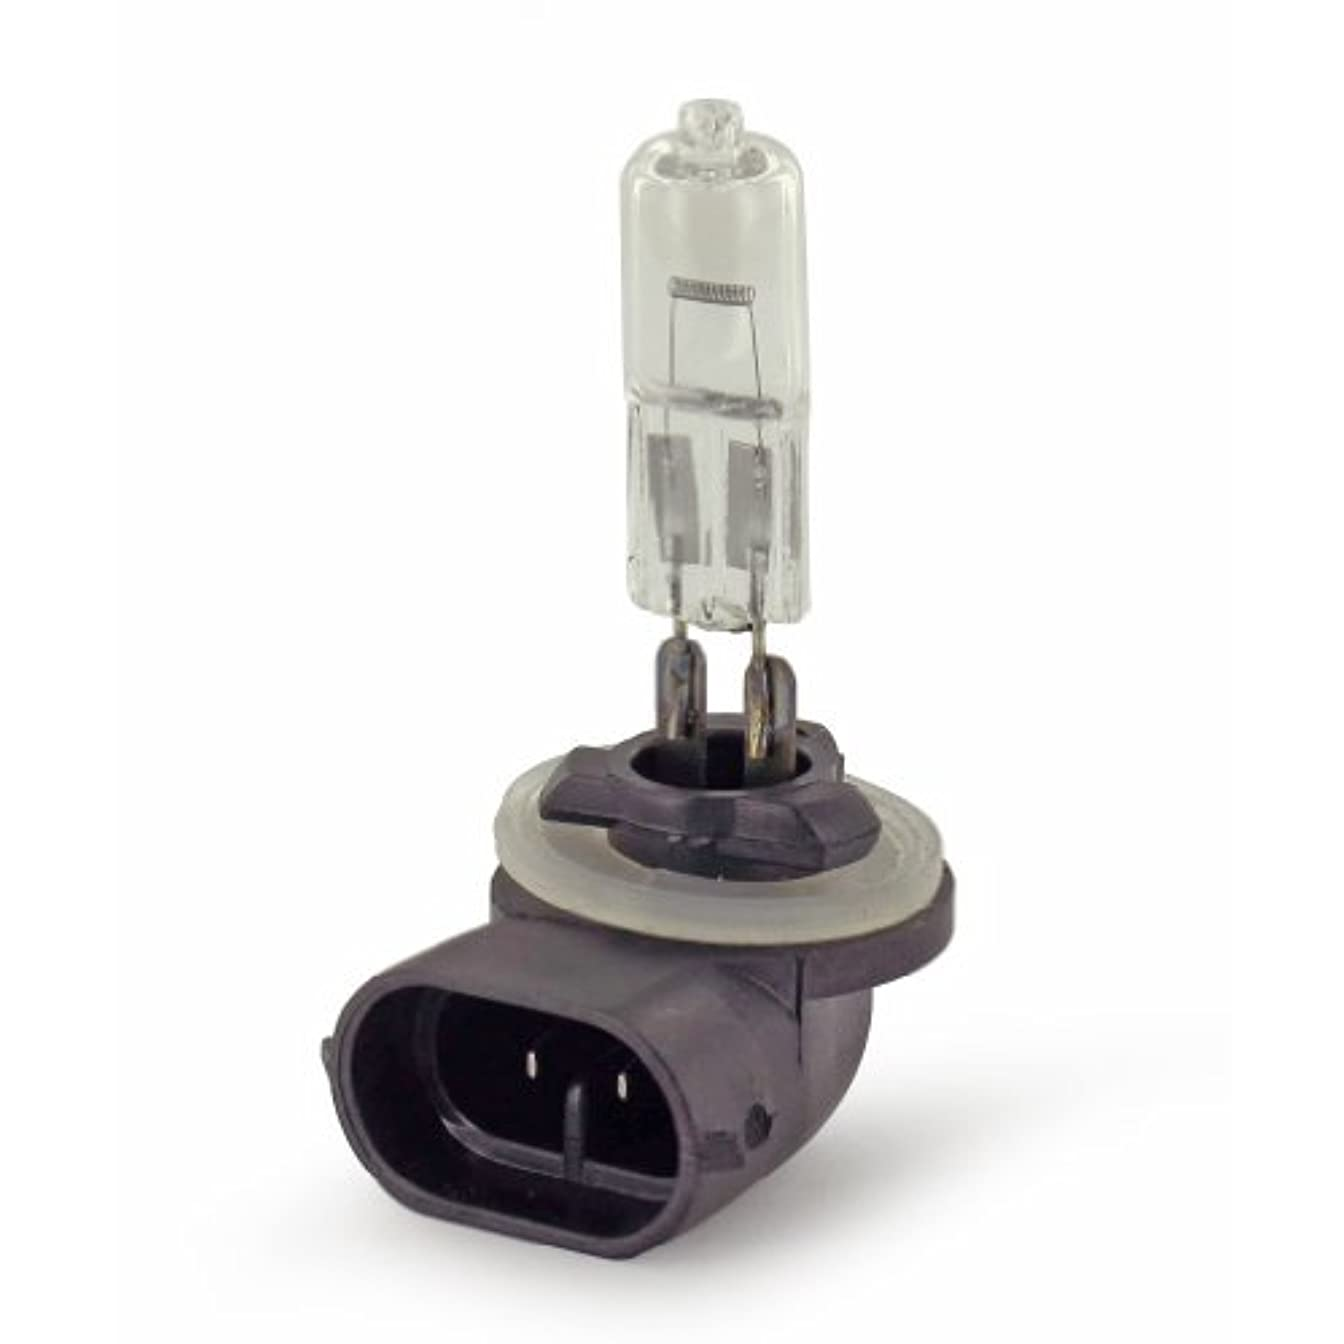 君主制ラップ方程式Intella 1062038 GE 894 Bulb, 12.8V, 38W by Intella Liftparts Inc.